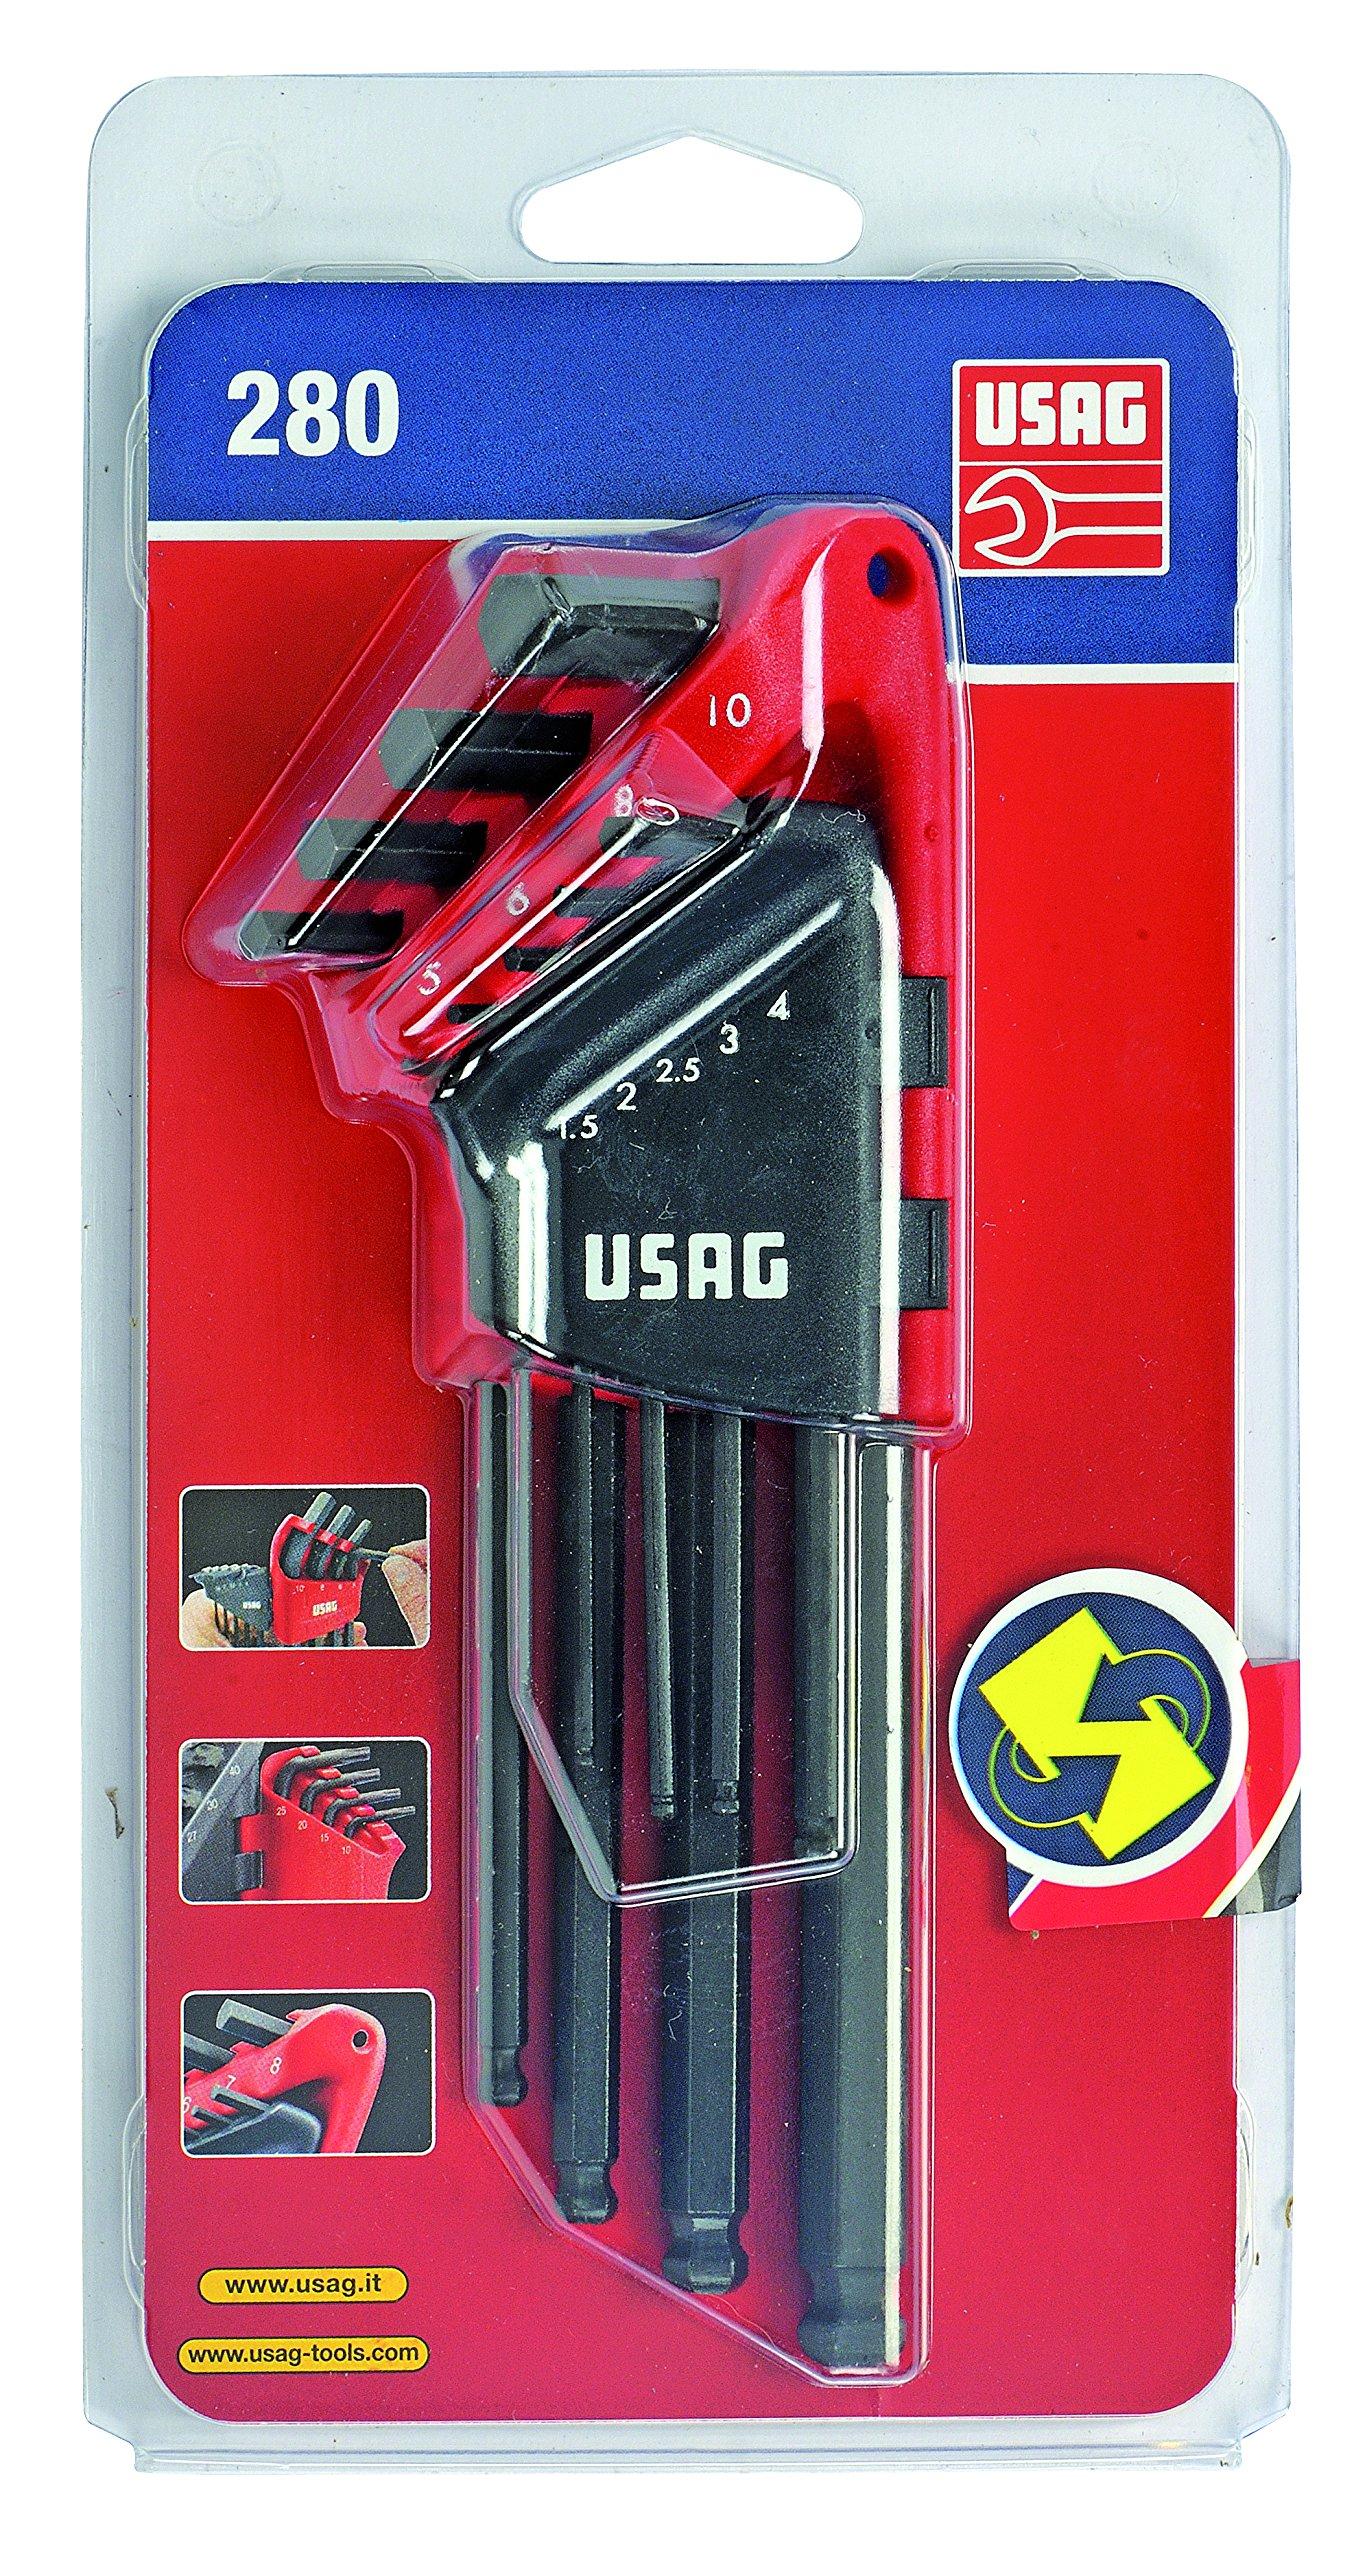 USAG-280-LTSS9-U02800084-Serie-di-9-Chiavi-Maschio-Esagonale-Lunghe-Testa-Sferica